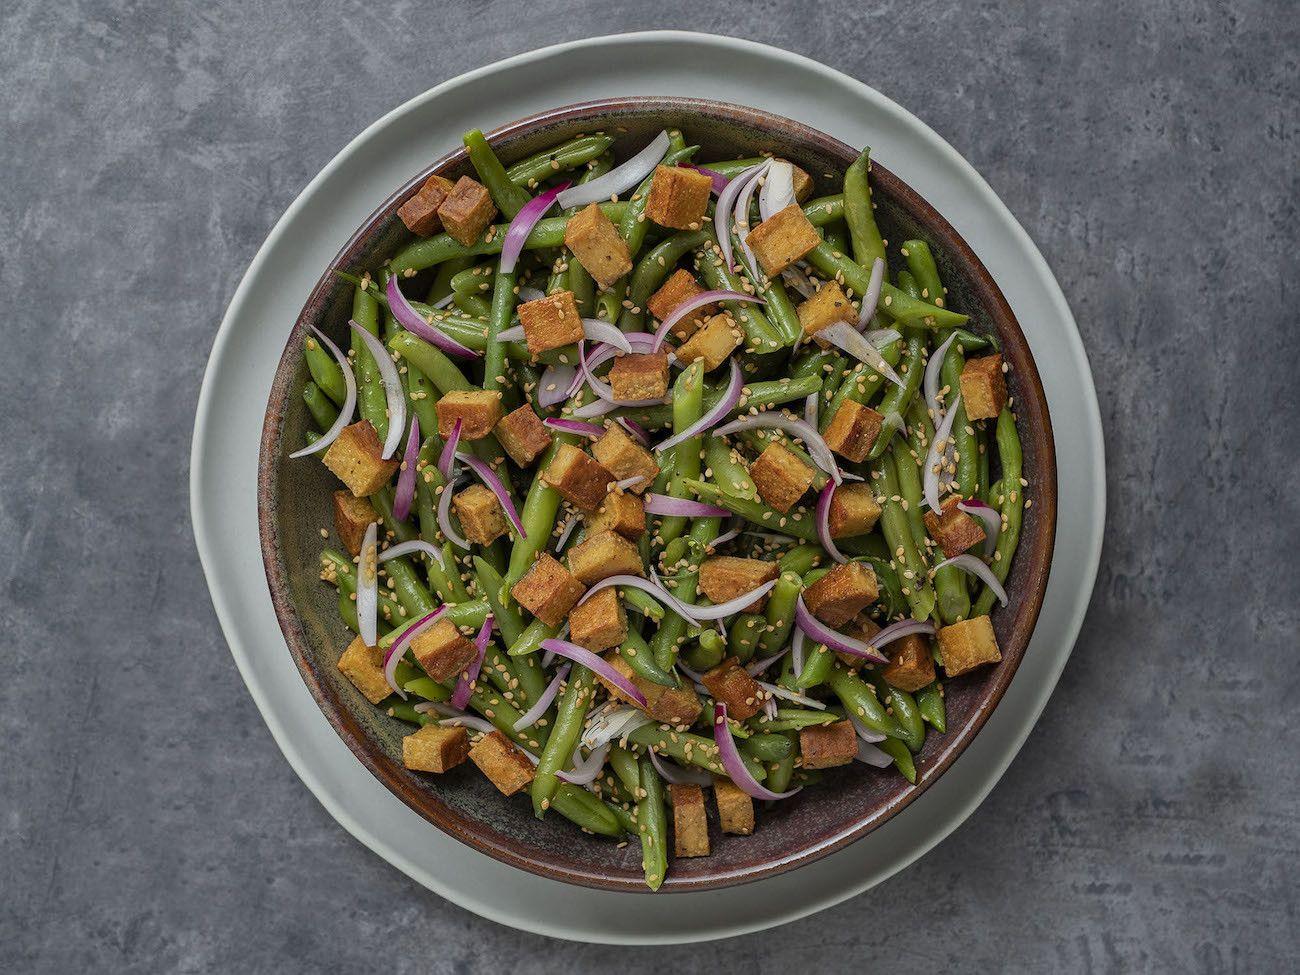 Foodblog, About Fuel, Rezept, Stangenbohnensalat mit geräuchertem Tofu, Sesam und roten Zwiebeln, Salat, Vegan, Teller, Sesam